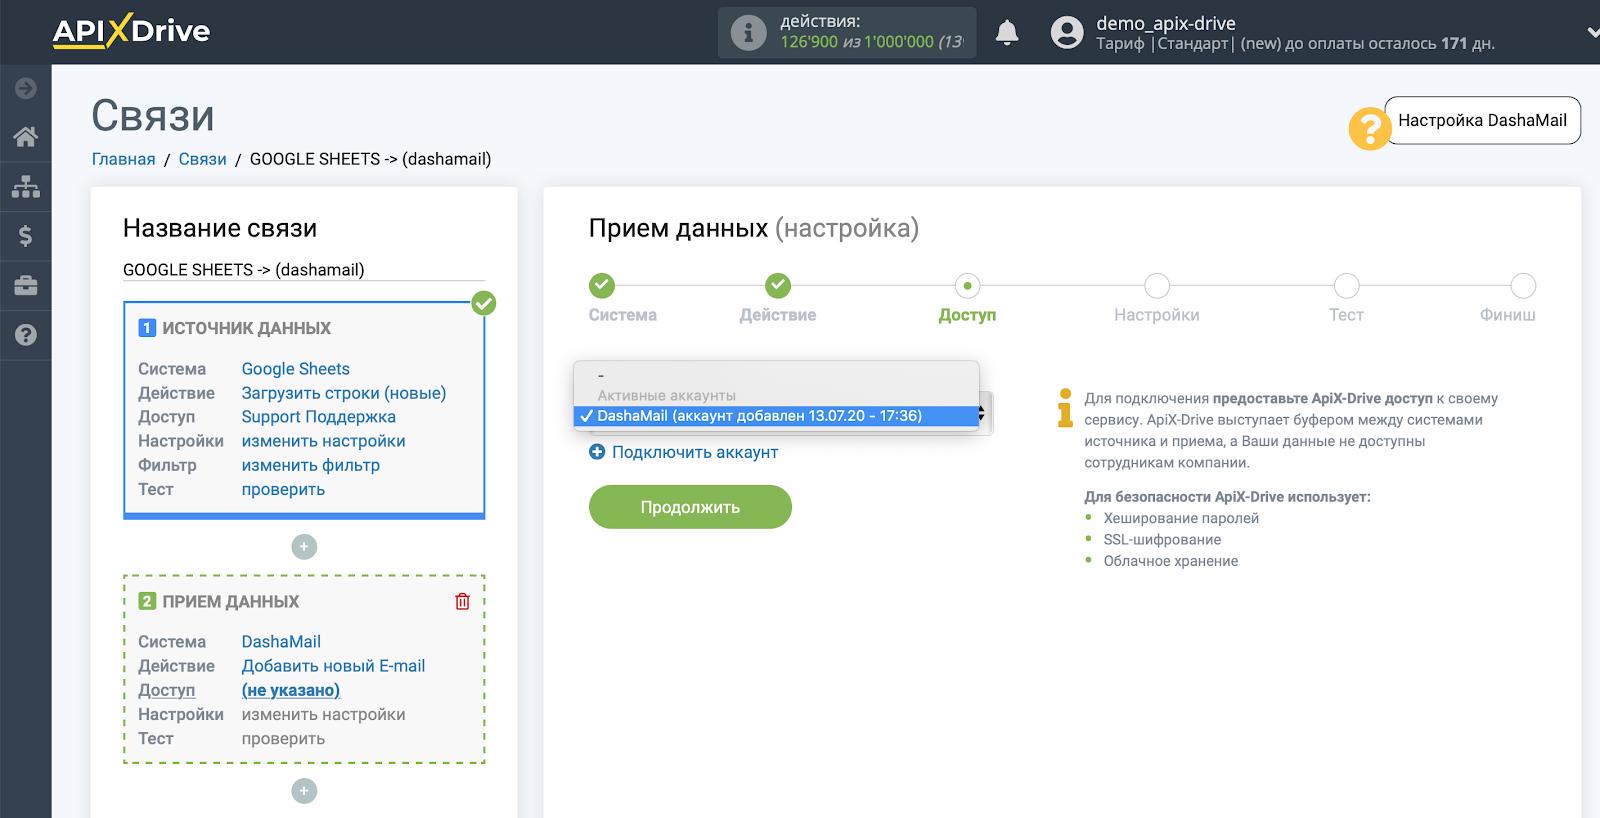 Настройка Приема данных в DashaMail | Выбор аккаунта